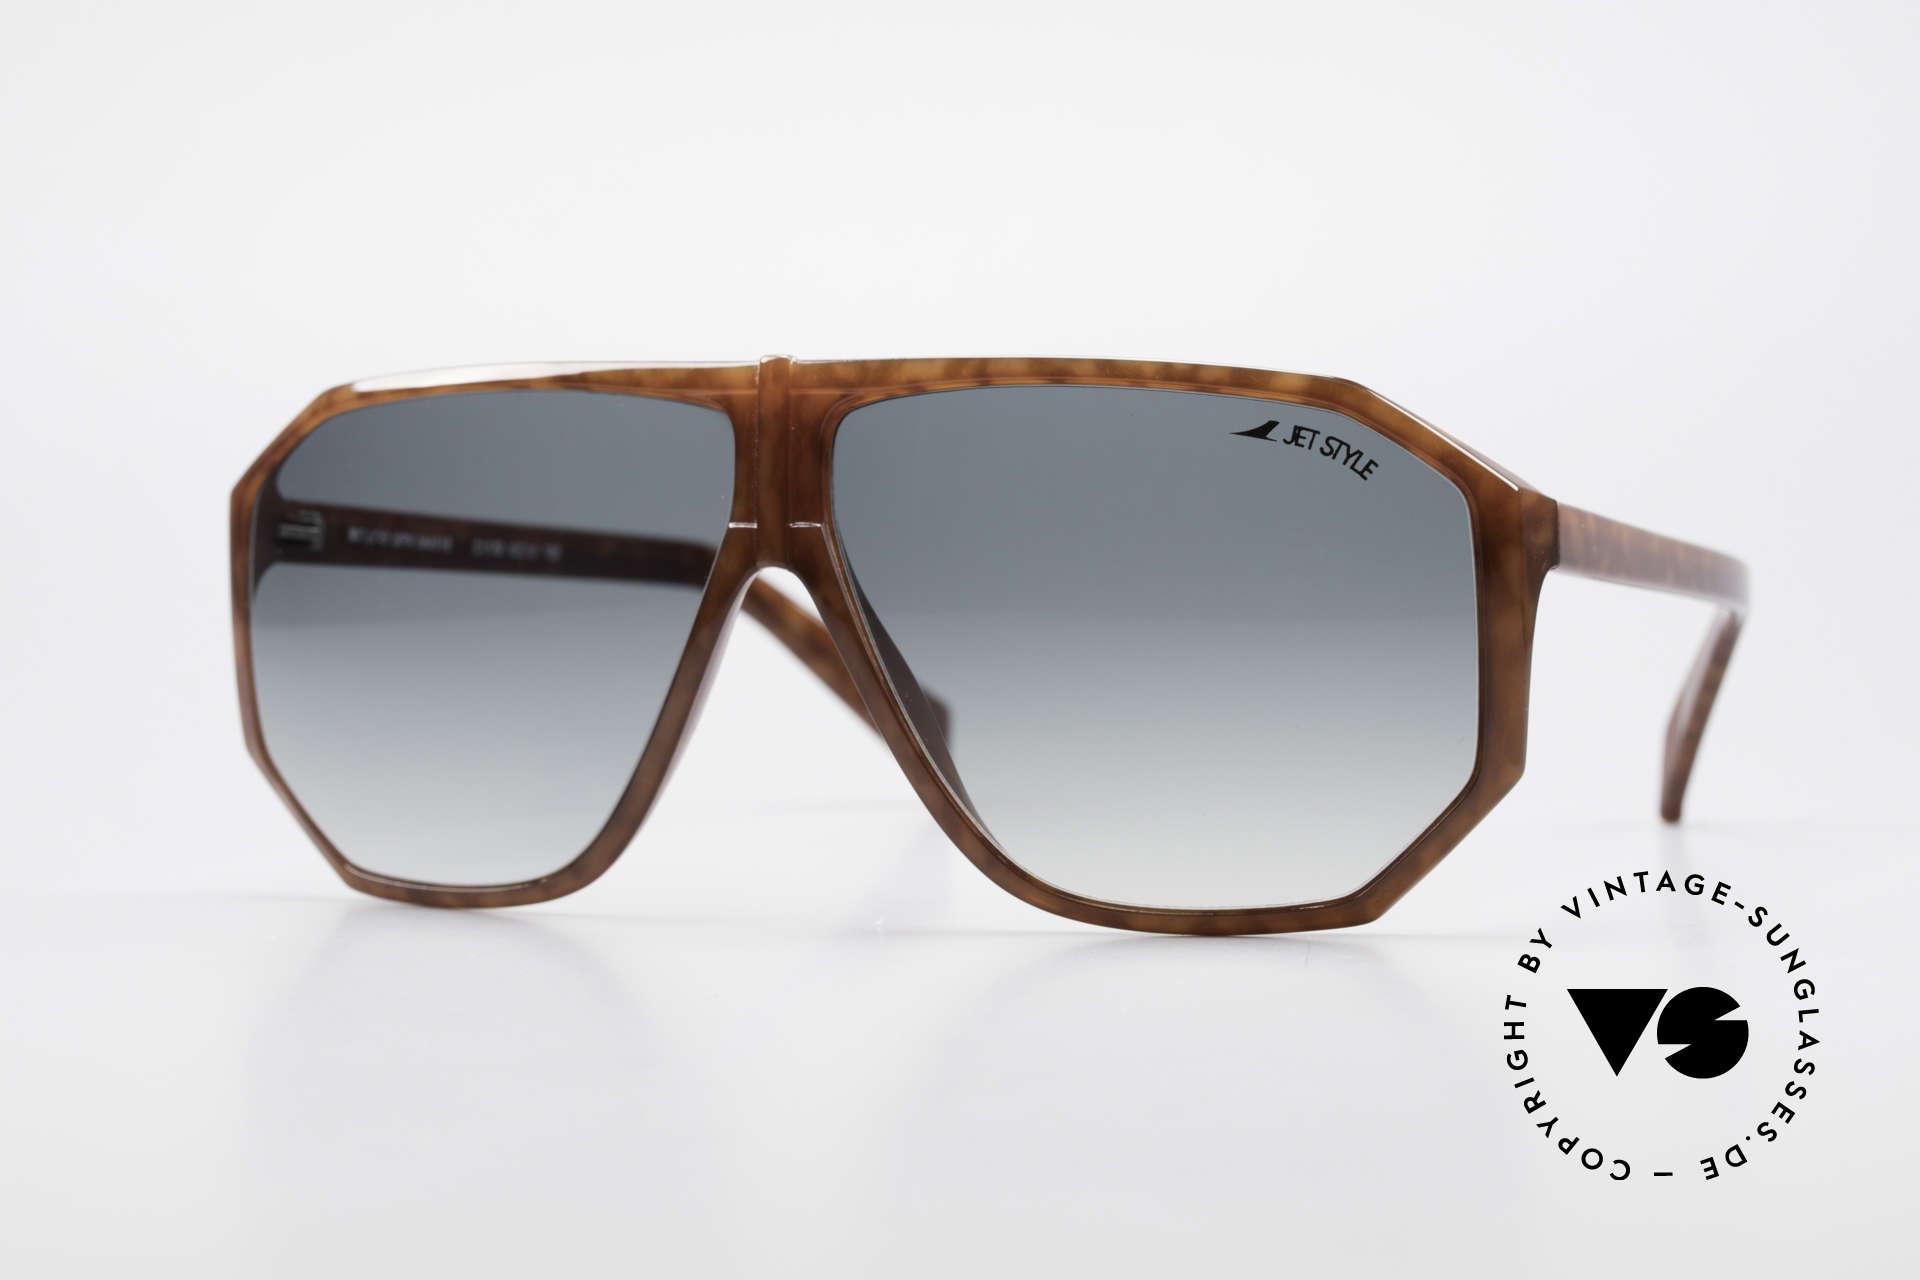 Silhouette M4019 JetStyle Aviator Sonnenbrille, vintage 80er Designer-Sonnenbrille von Silhouette, Passend für Herren